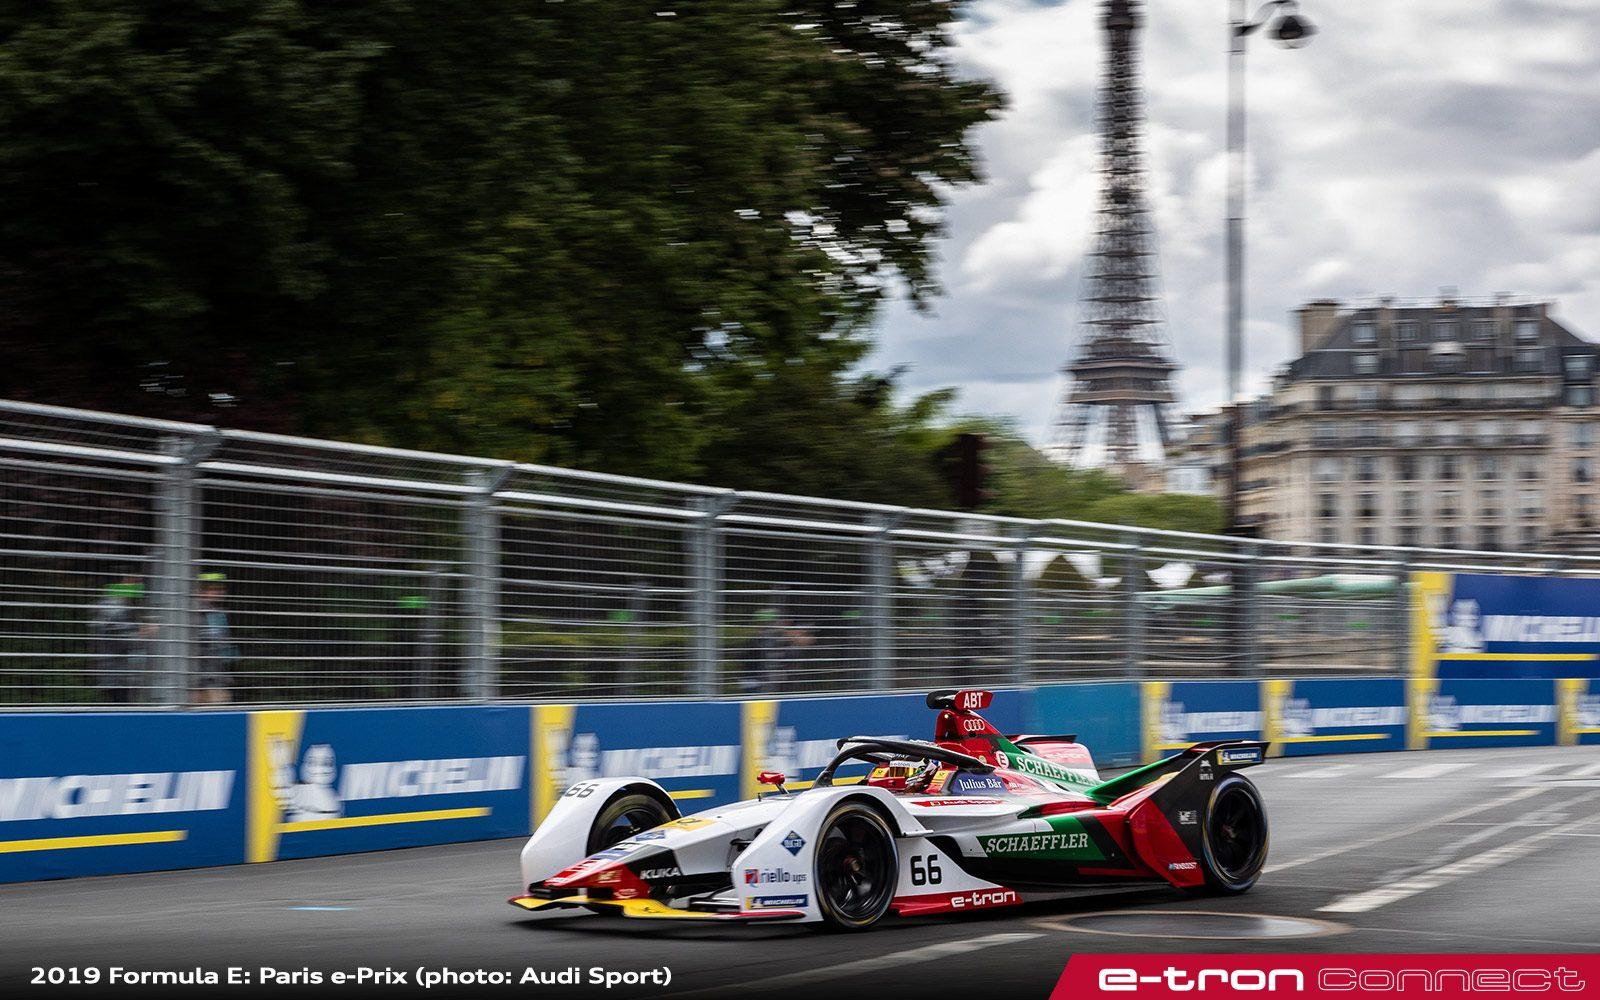 Two Audi Sport FE05 Drivers On Podium At Formula E Paris